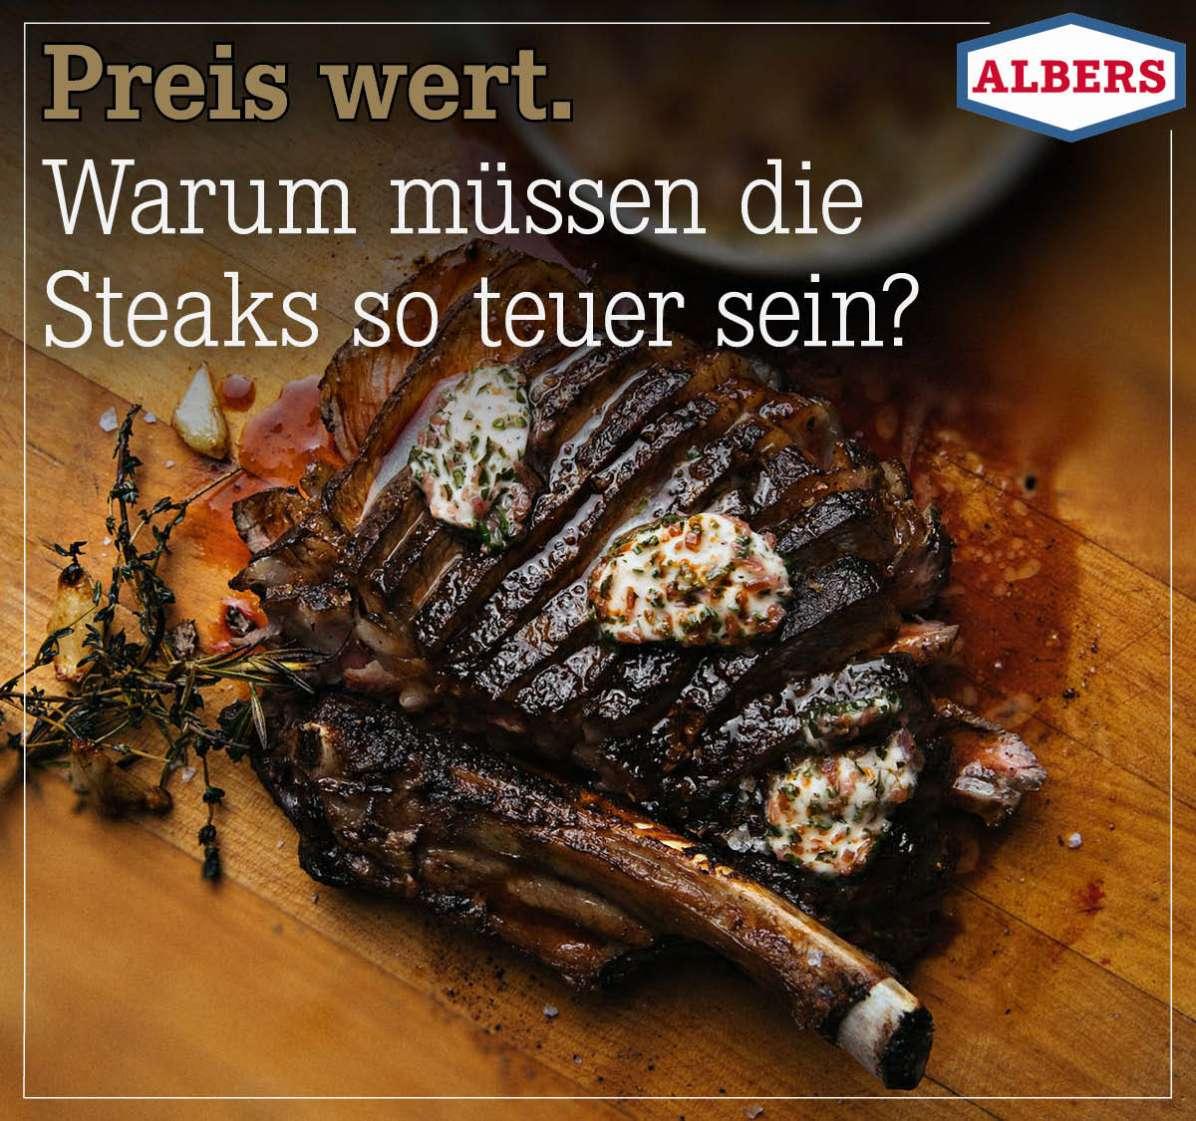 Preis wert. Warum müssen die Steaks so teuer sein?